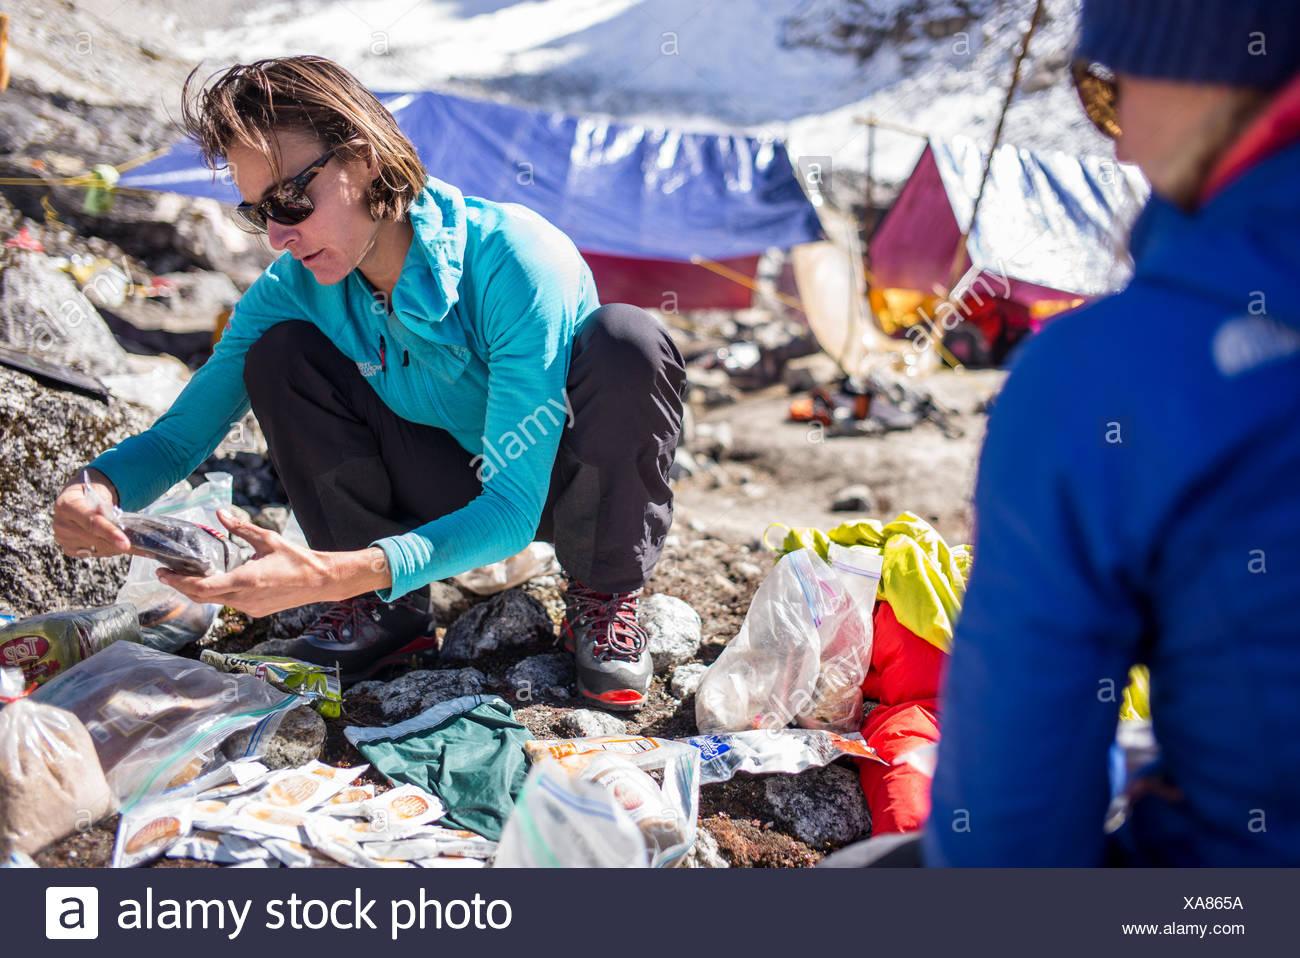 Expeditionsteilnehmer prüfen. Stockbild